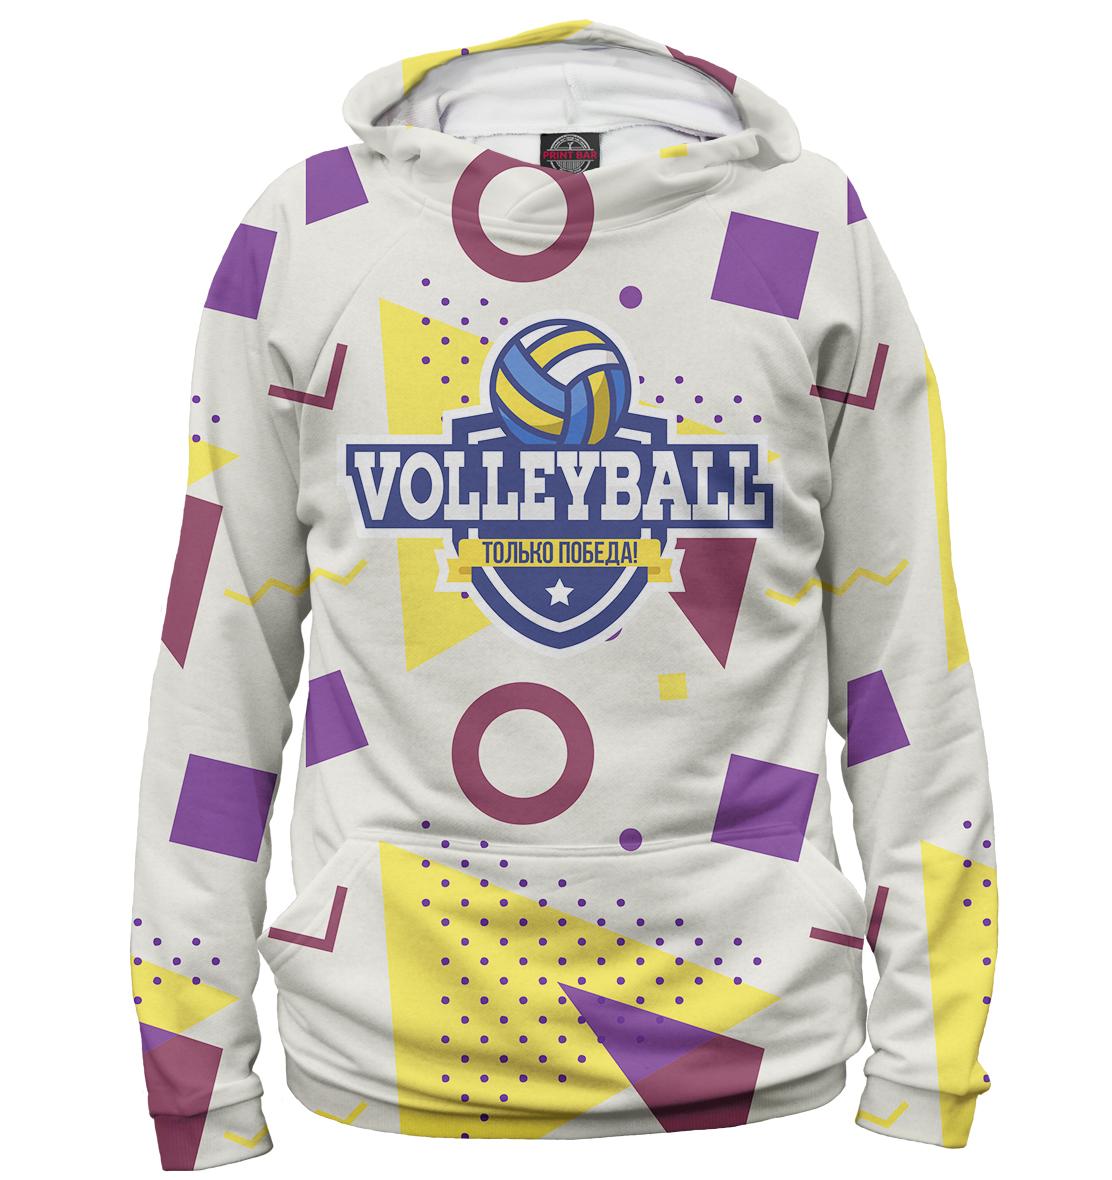 Купить Волейбол — только победа!, Printbar, Худи, VLB-987470-hud-1